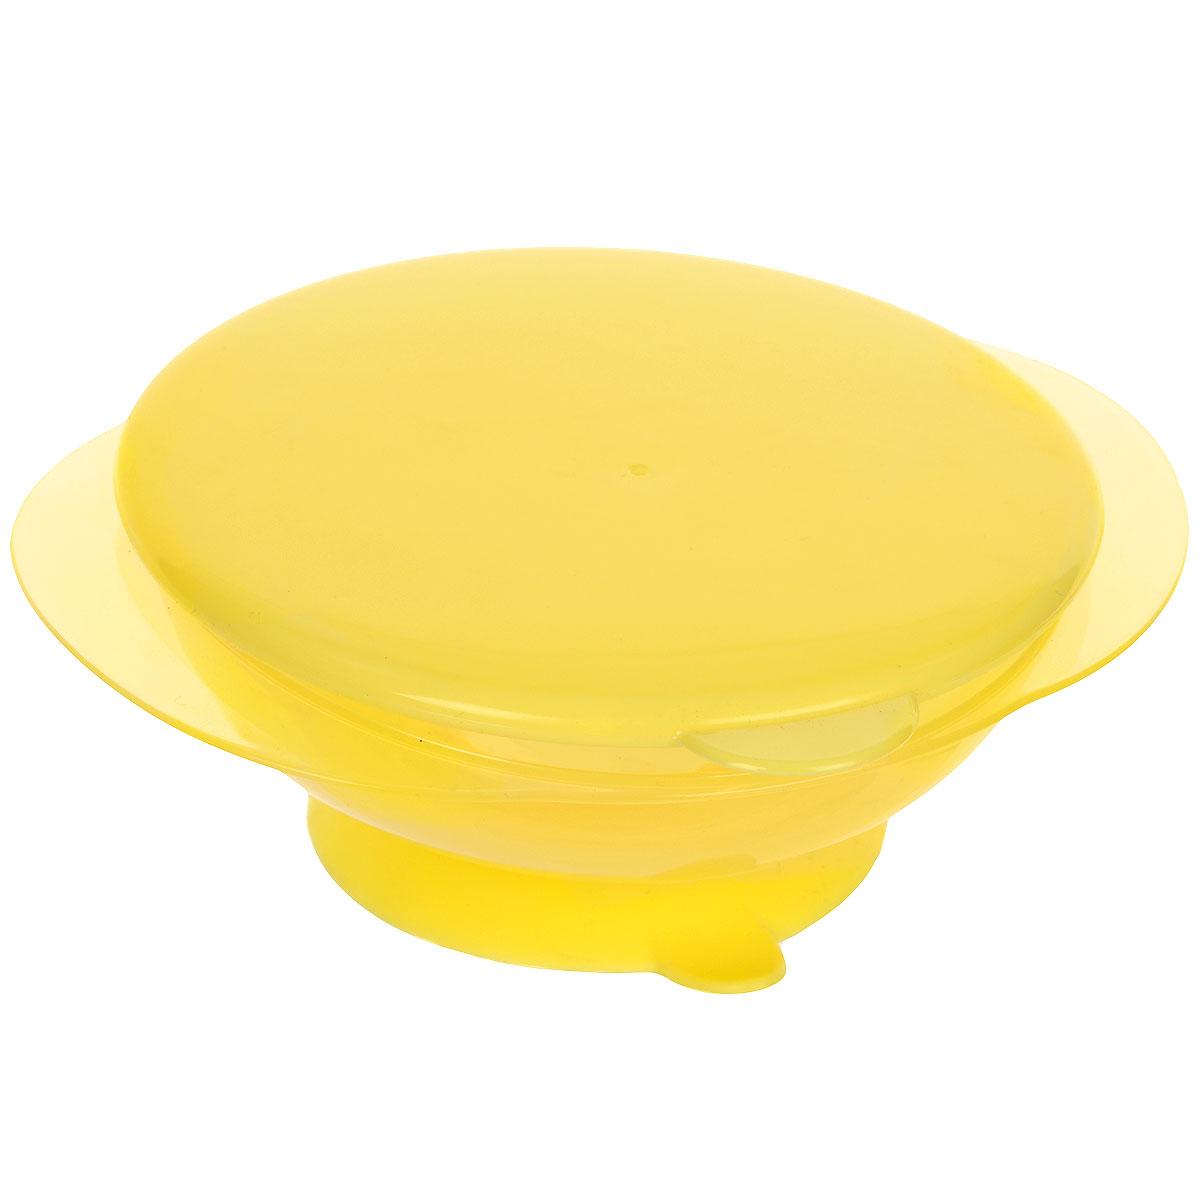 Тарелка на присоске Happy Baby, с крышкой, цвет: желтый15002_желтыйДетская тарелочка Happy Baby с удобной присоской идеально подойдет для кормления малыша и самостоятельного приема им пищи. Тарелочка выполнена из безопасного прозрачного полипропилена, не содержащего Бисфенол А. Специальная резиновая присоска фиксирует тарелку на столе, благодаря чему она не упадет, еда не прольется, а ваш малыш будет доволен. В комплект к тарелке предусмотрена плотно закрывающаяся крышка, которая позволит сохранить остатки еды или будет полезна в дороге.